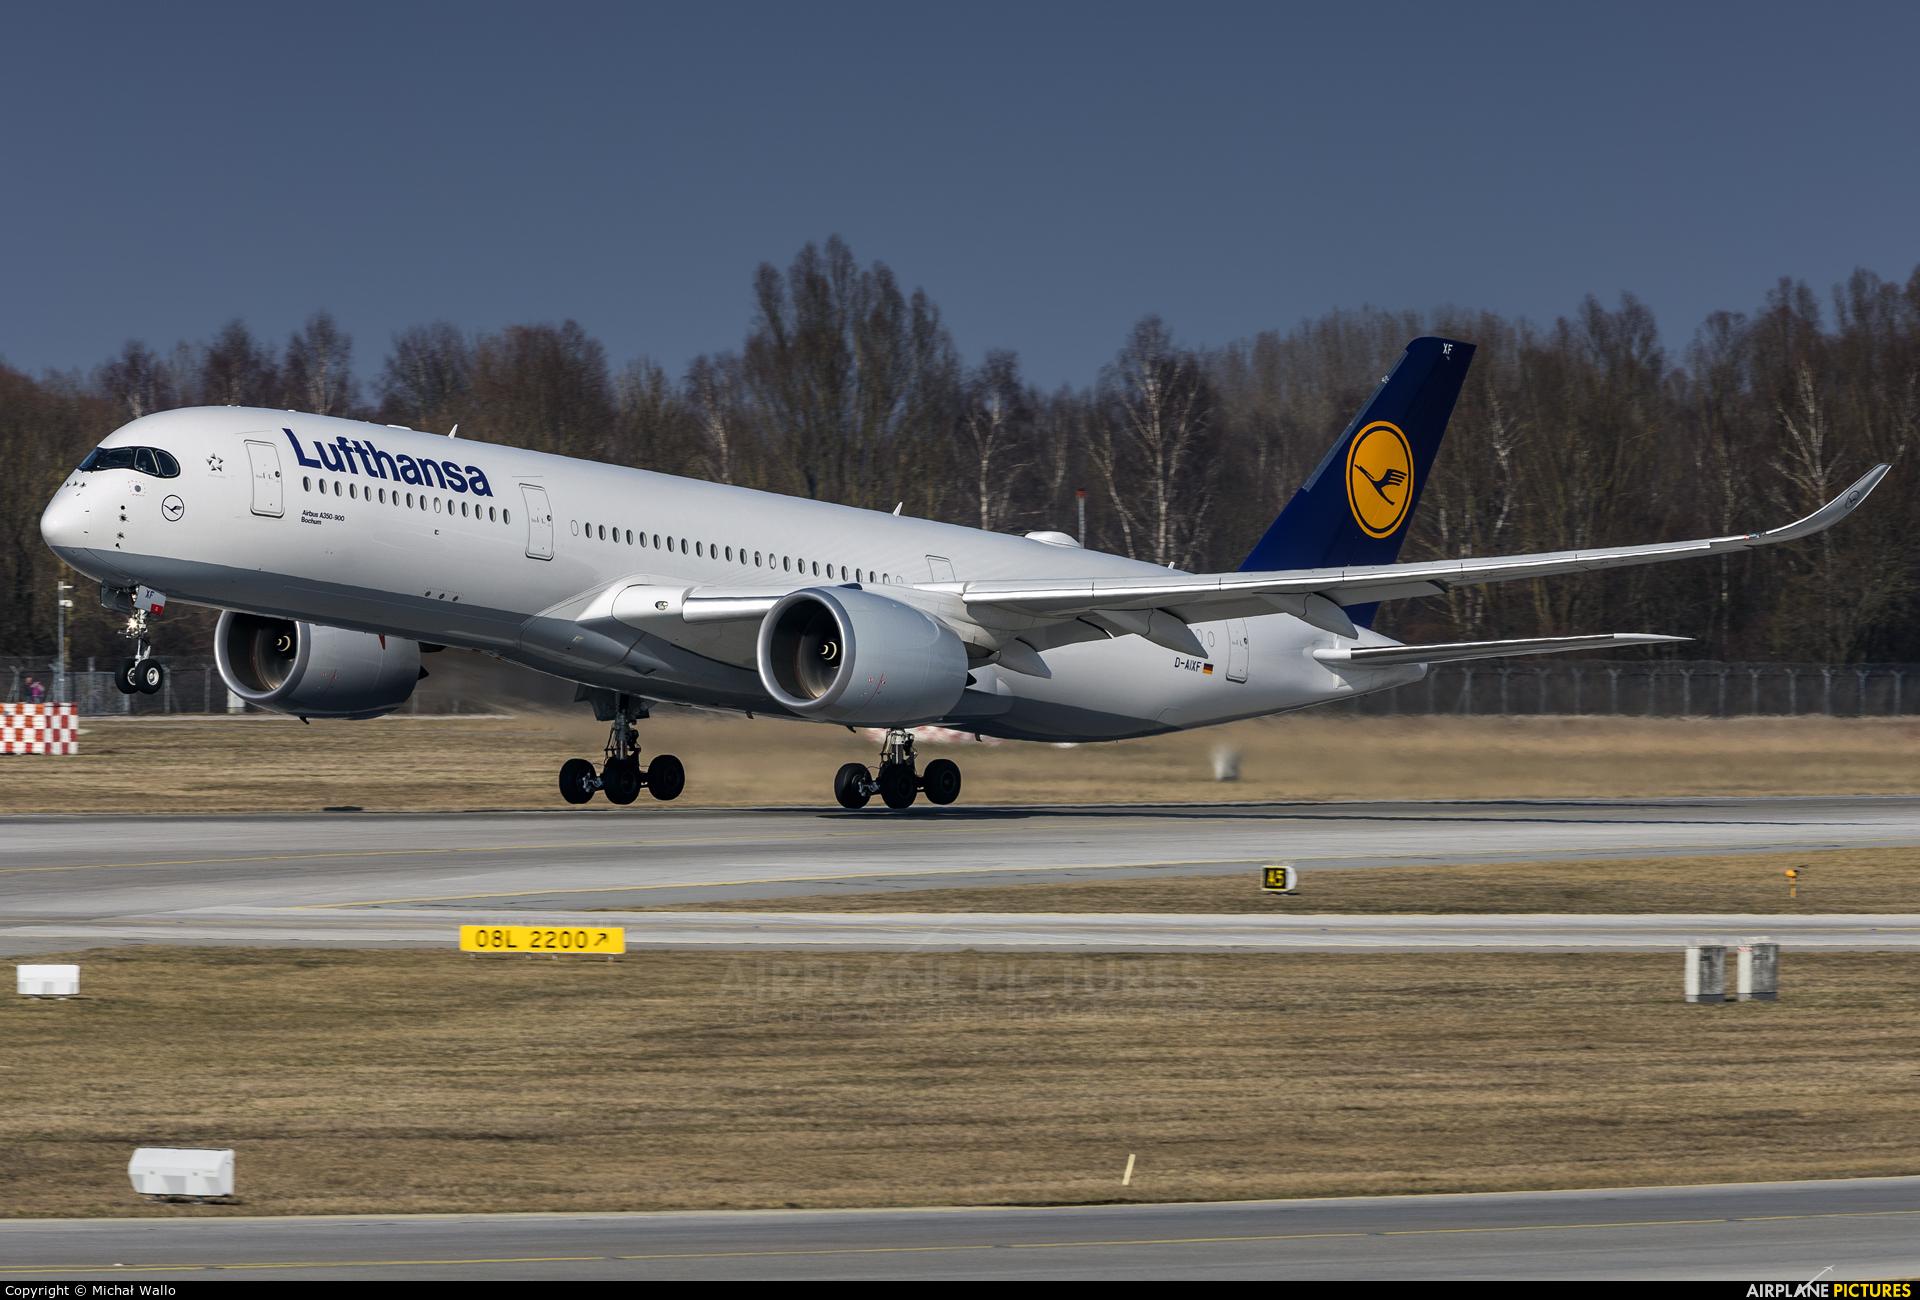 Lufthansa D-AIXF aircraft at Munich